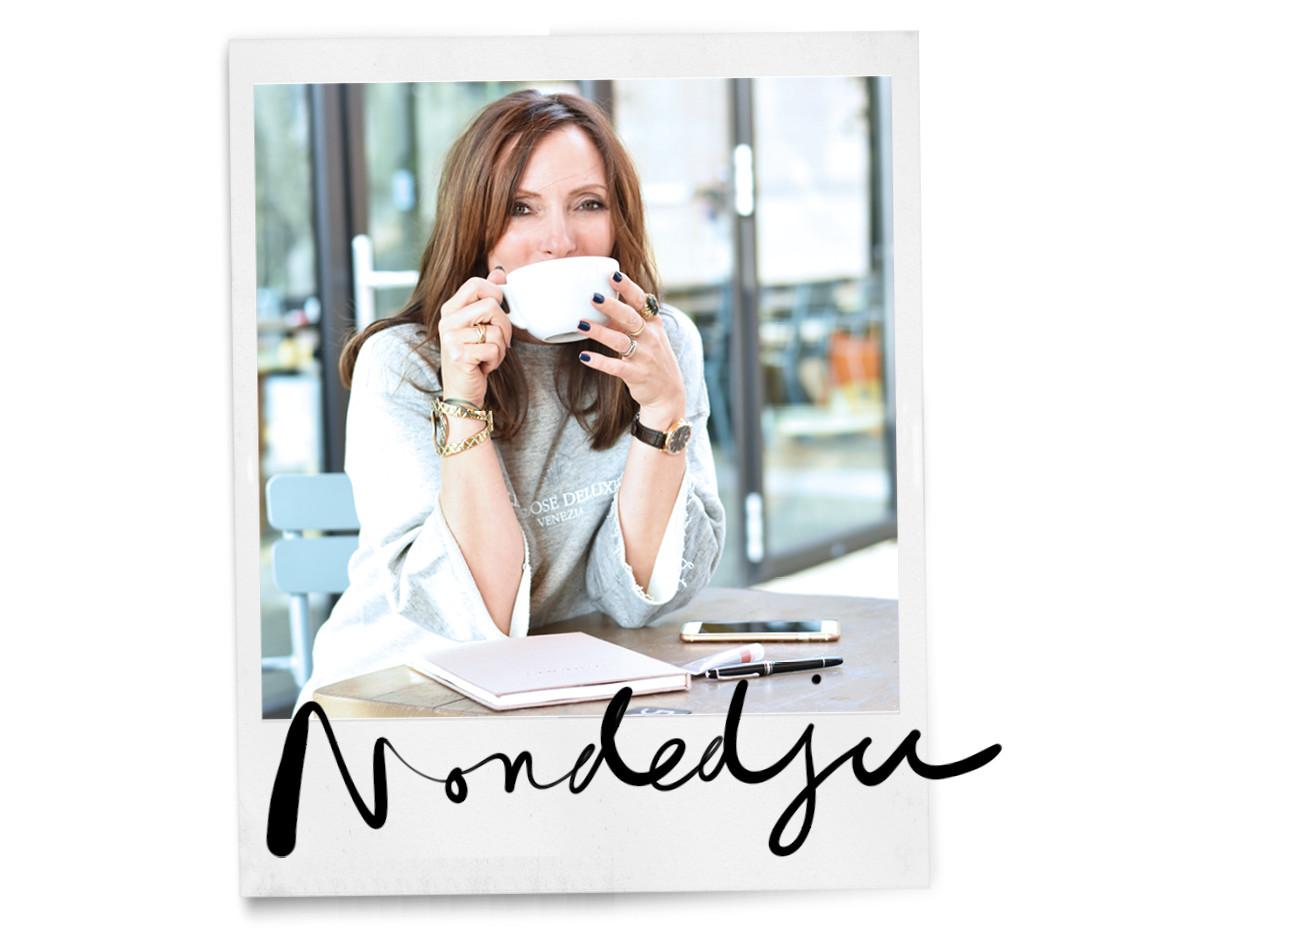 May-britt lachend met een kop koffie in haar handen